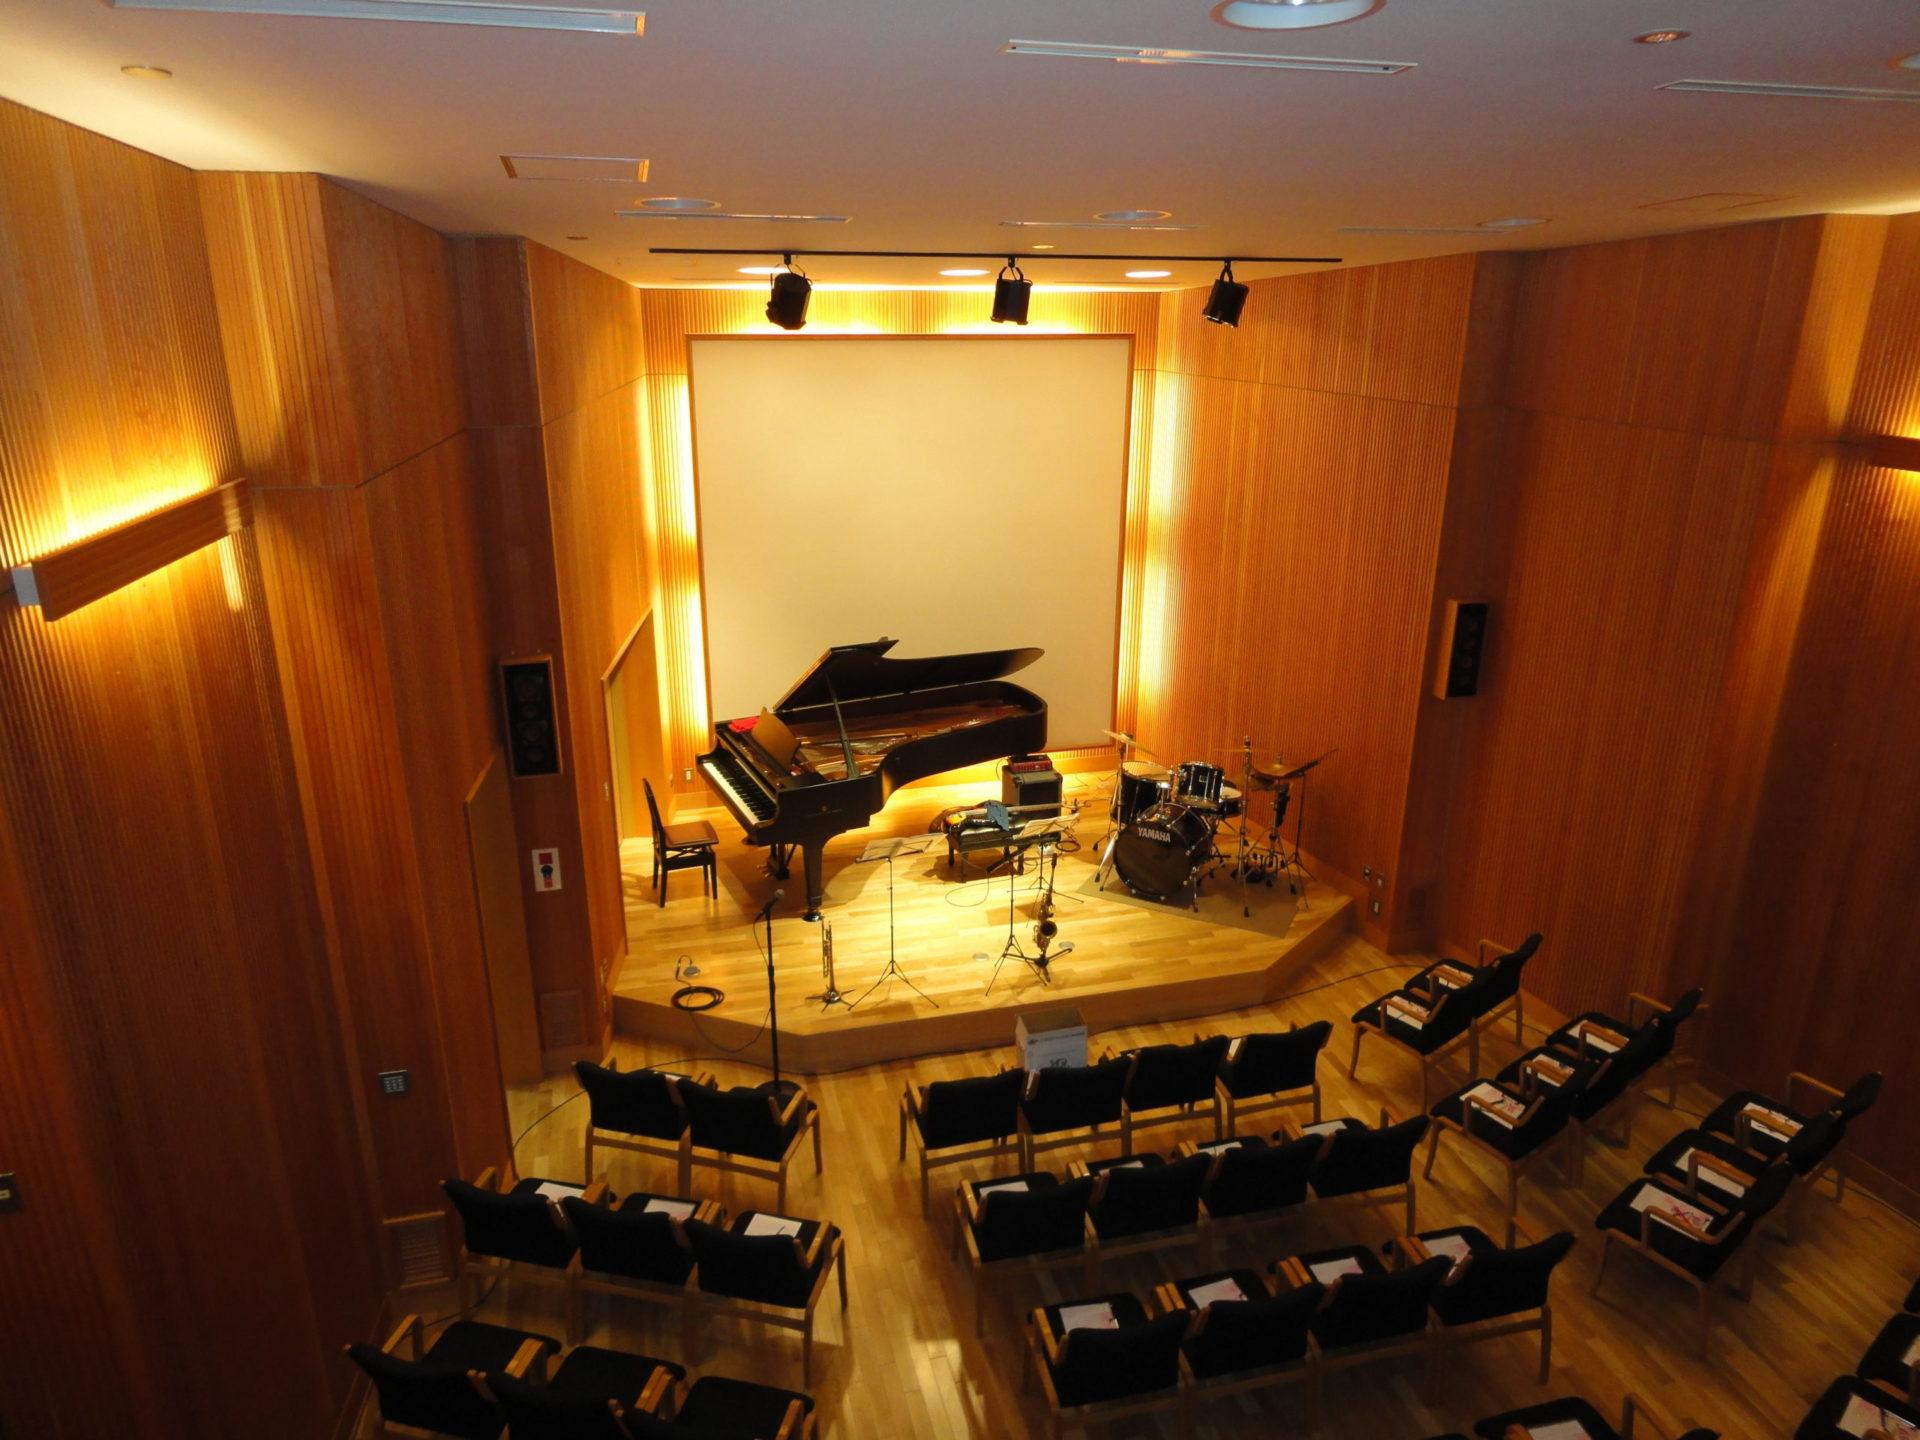 ひまわり音楽教室さんのホール